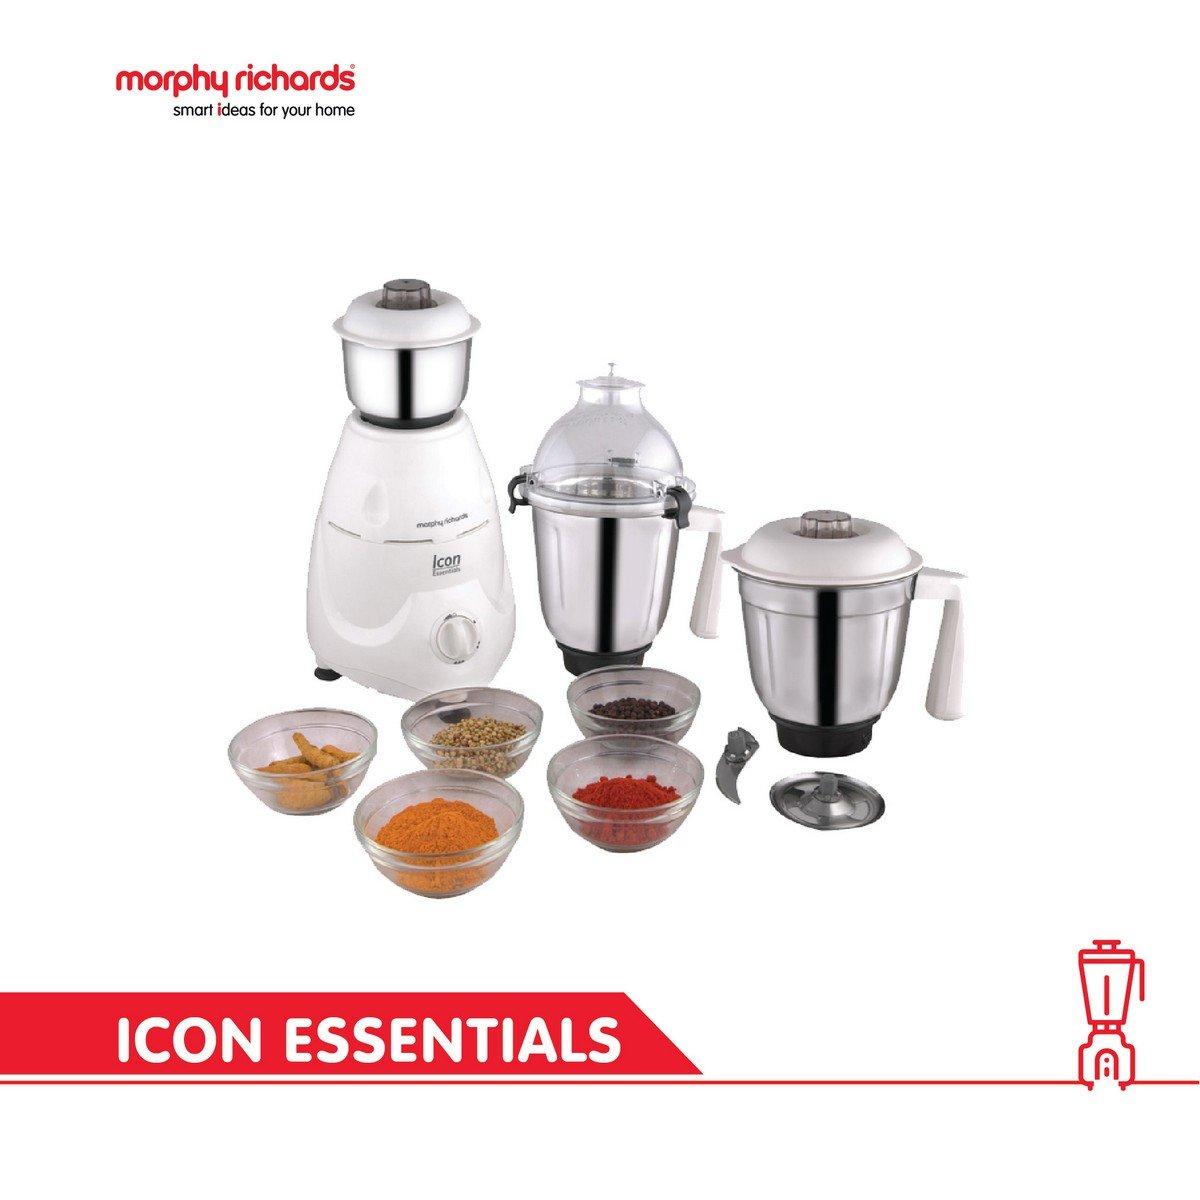 Essential Kitchen Appliances Buy Morphy Richards Icon Essentials 600 Watt Mixer Grinder White